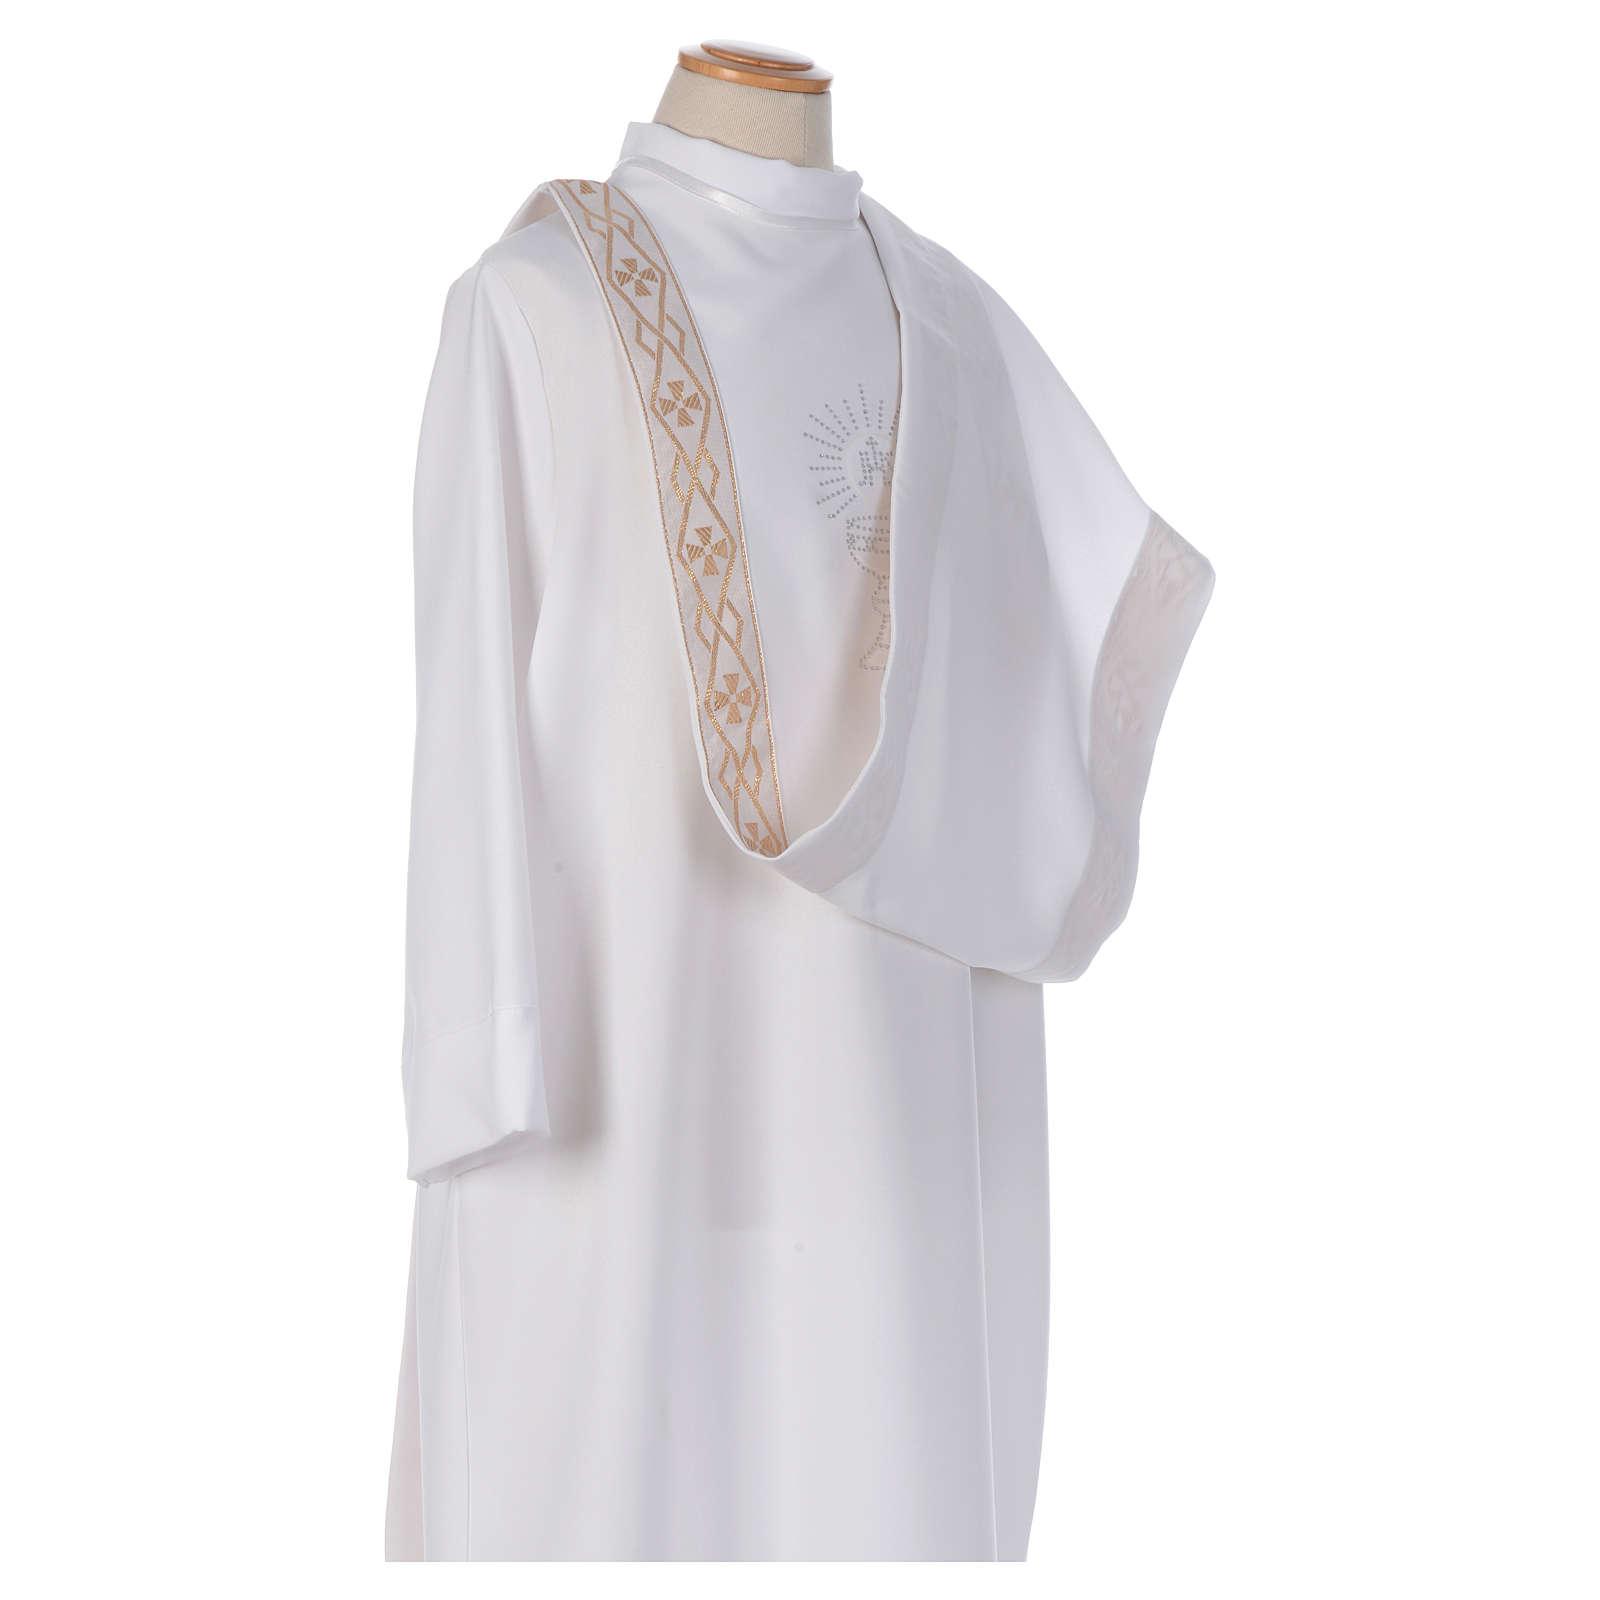 Aube Première Communion blanc scapulaire passementerie strass 4